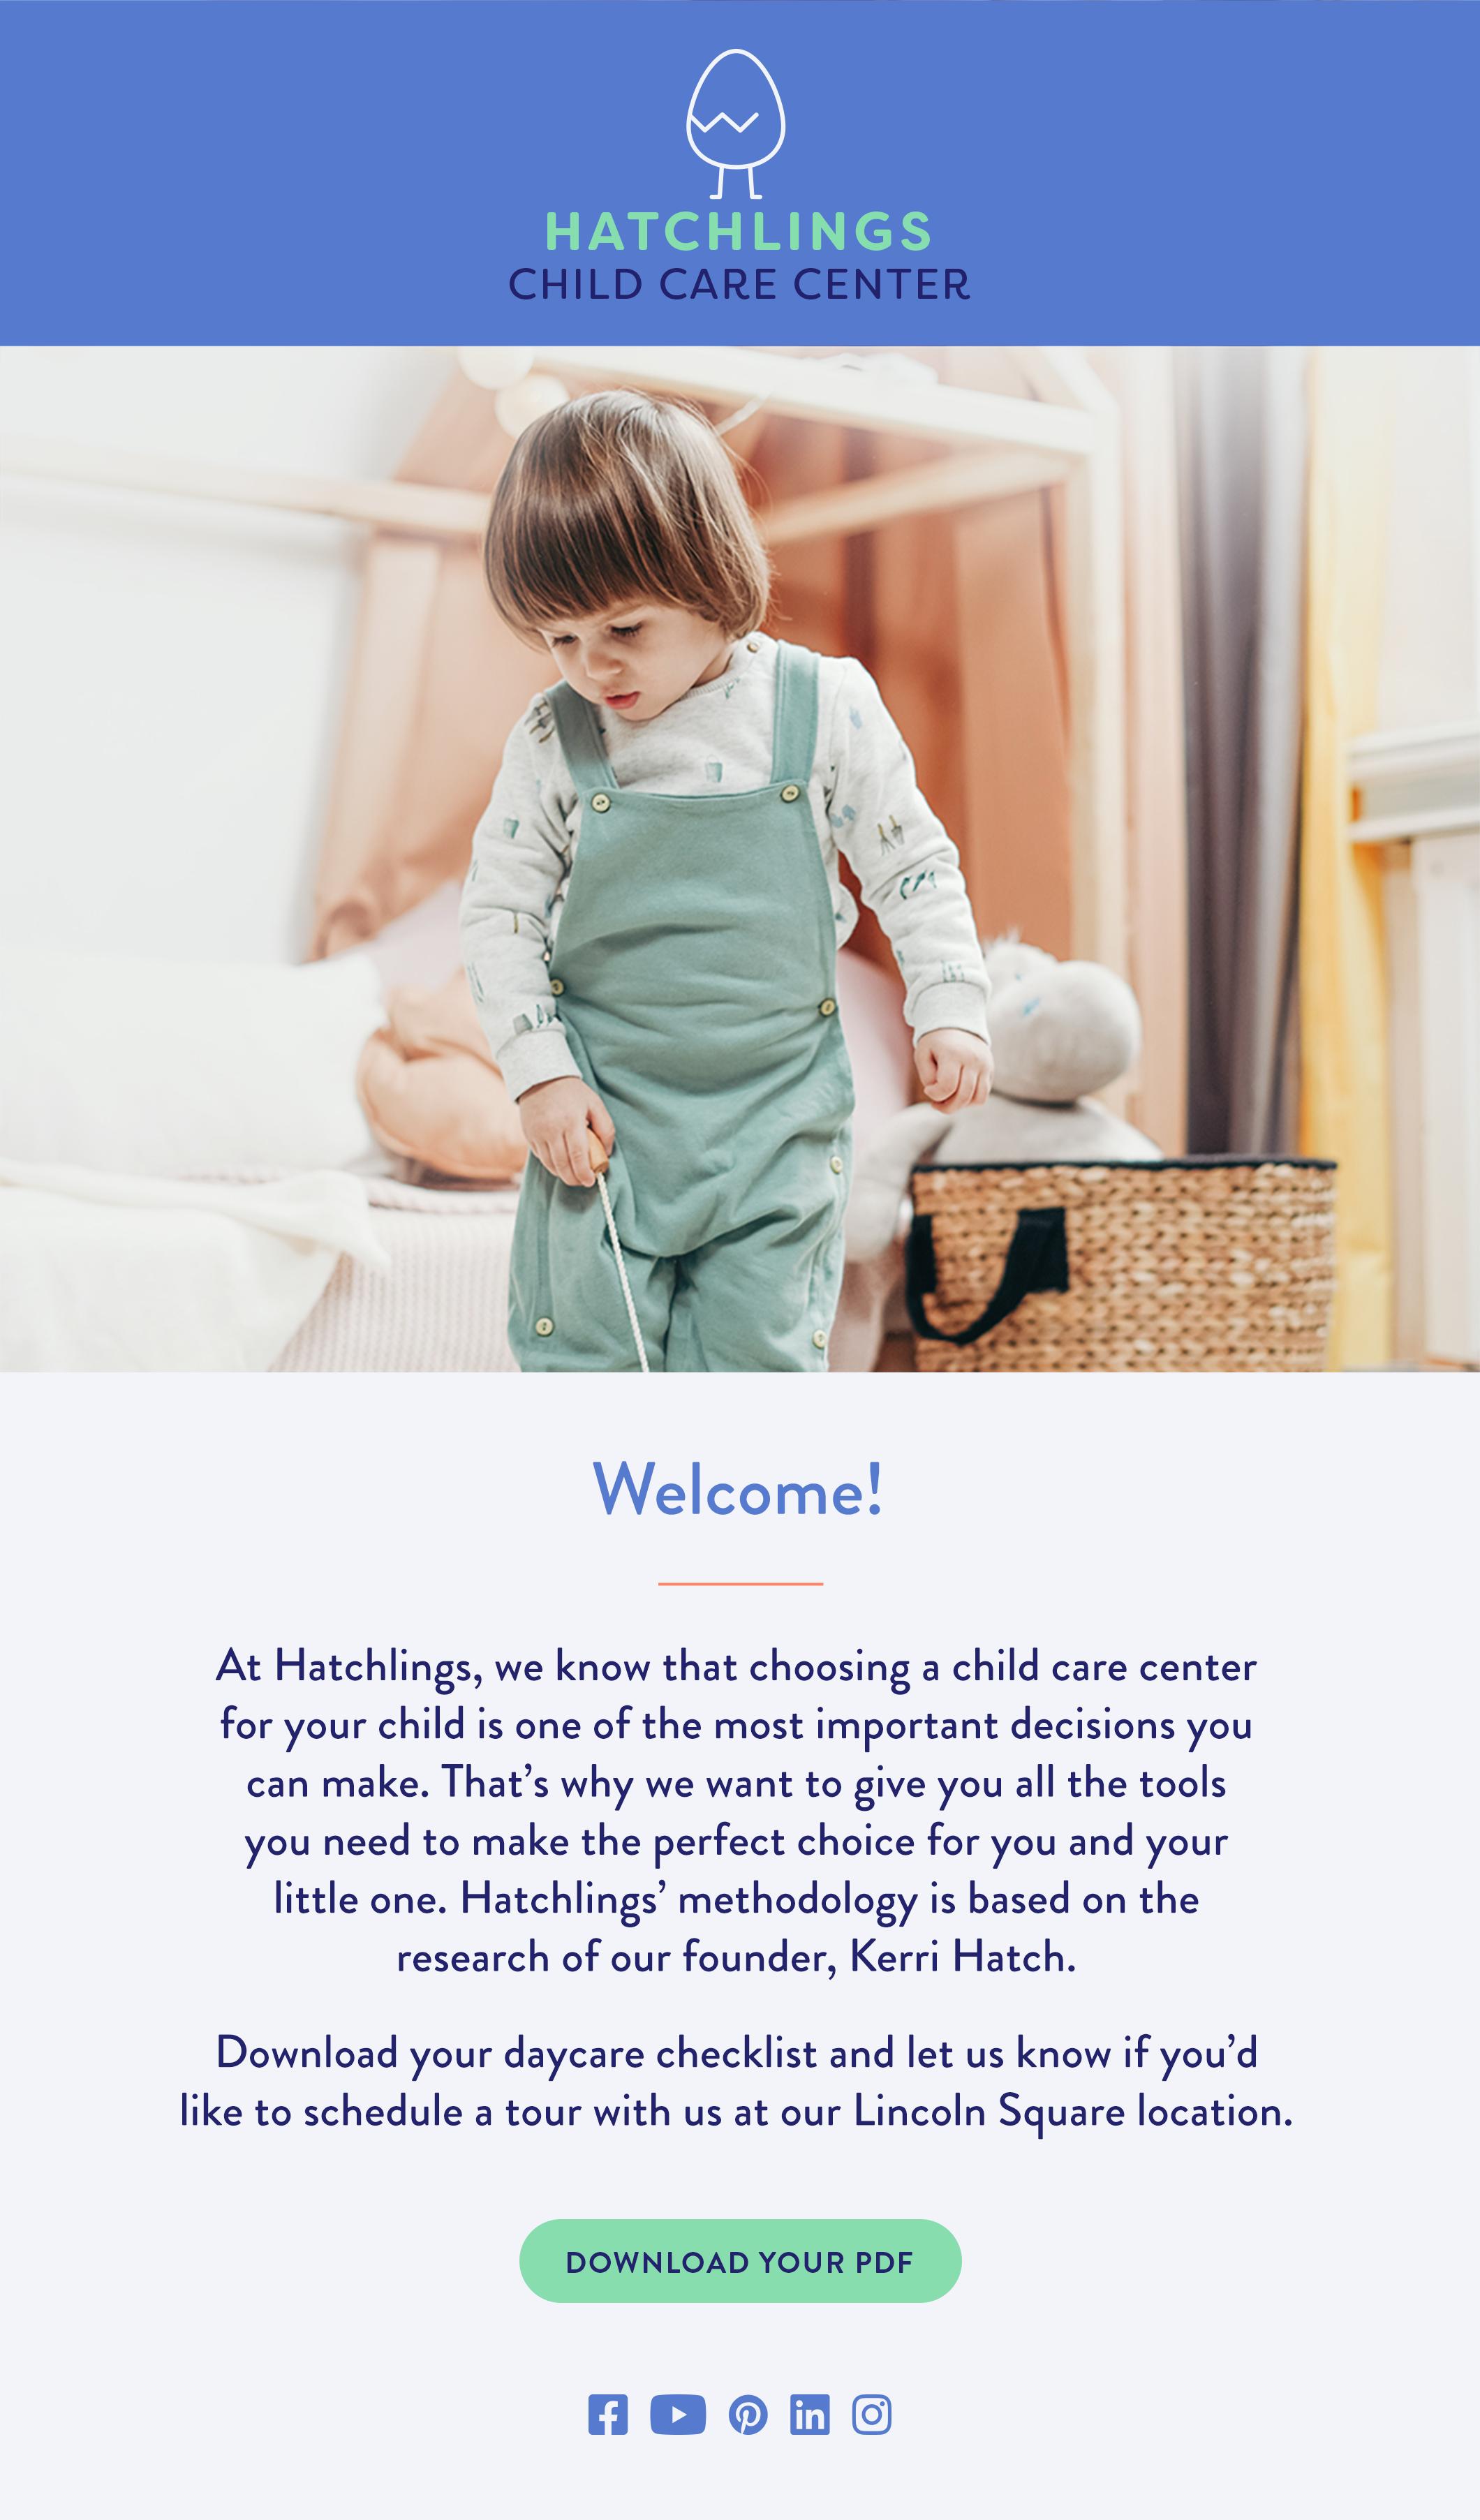 Ejemplo de correo electrónico de marketing de cuidado infantil